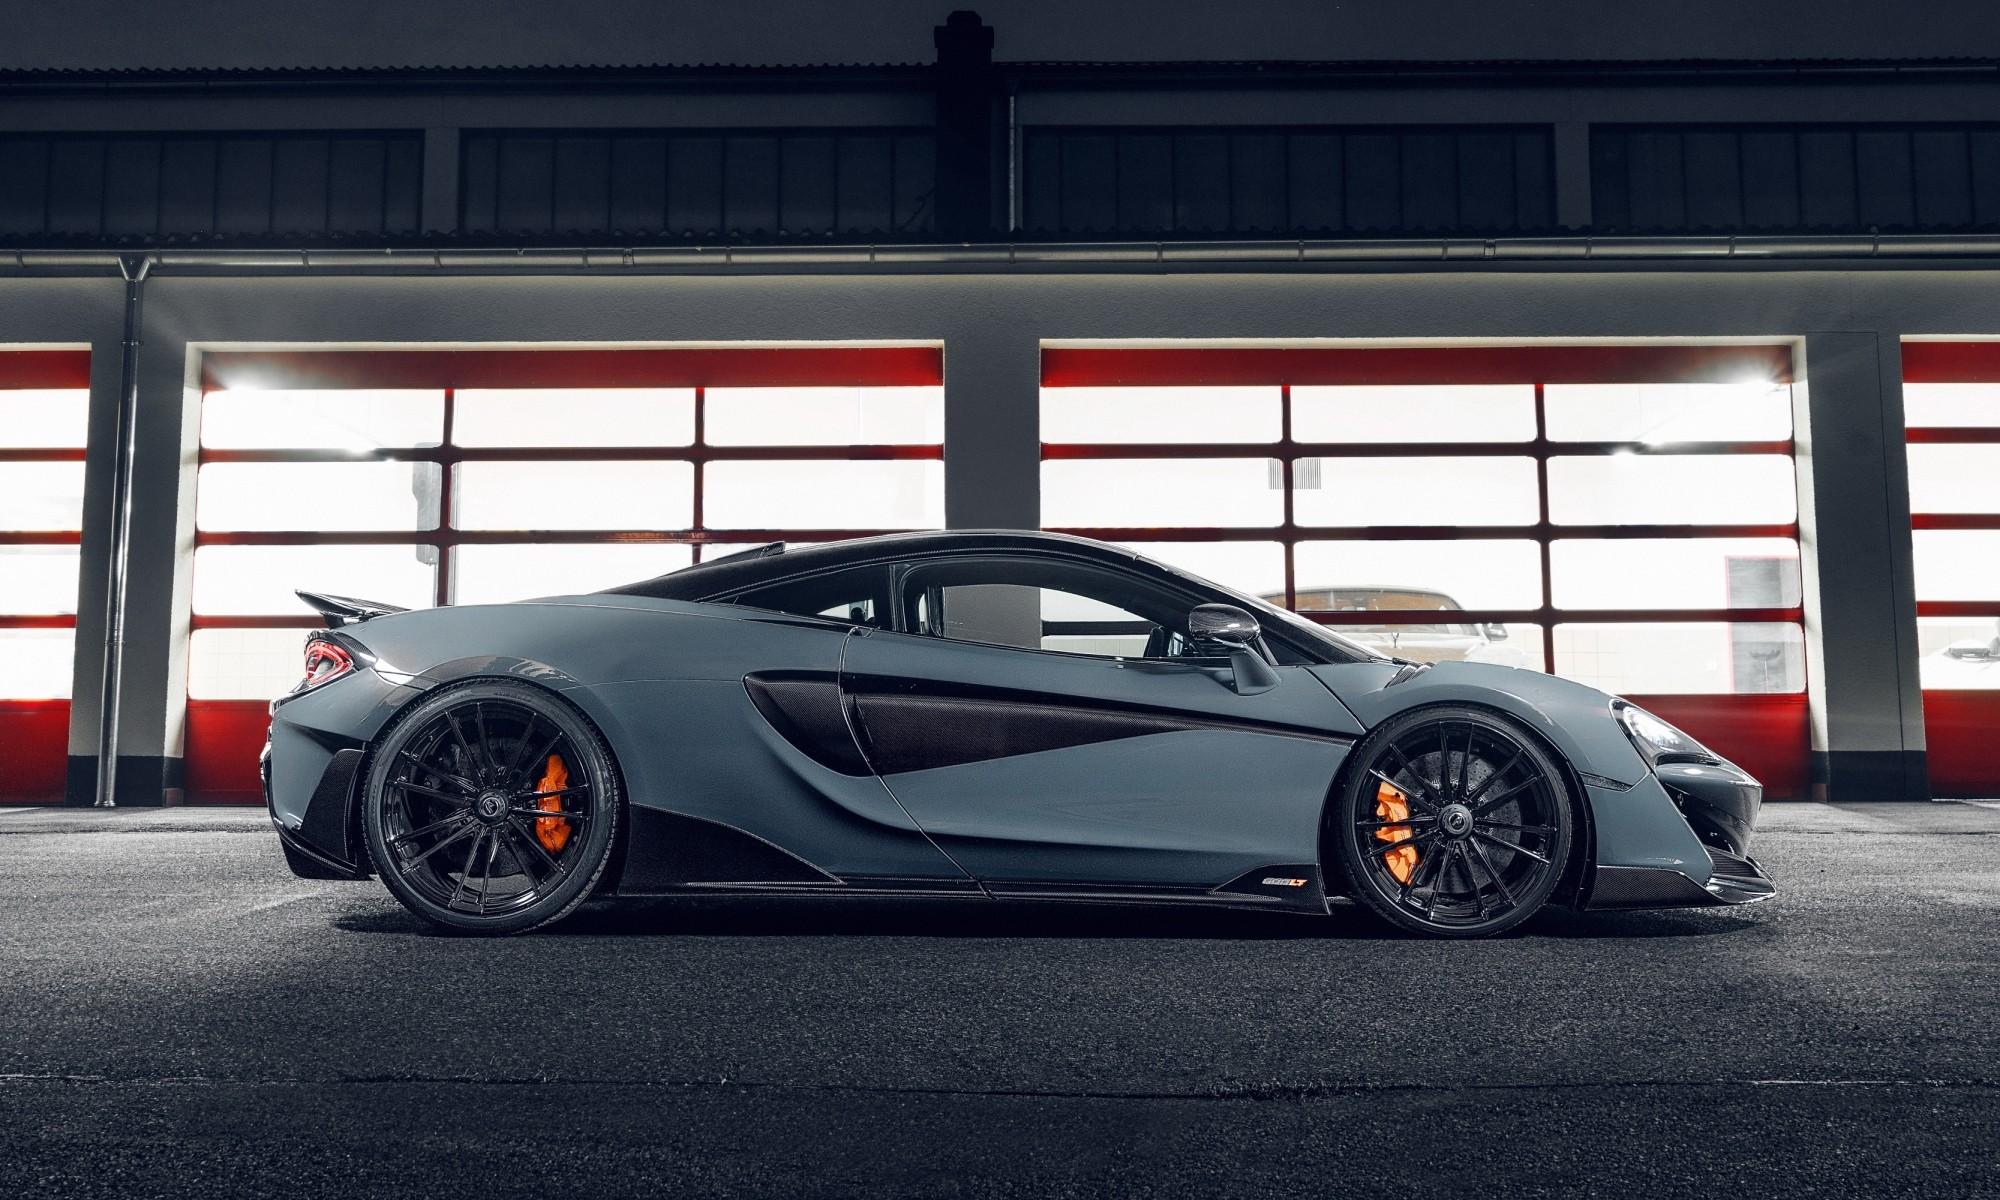 Novitec McLaren 600LT profile